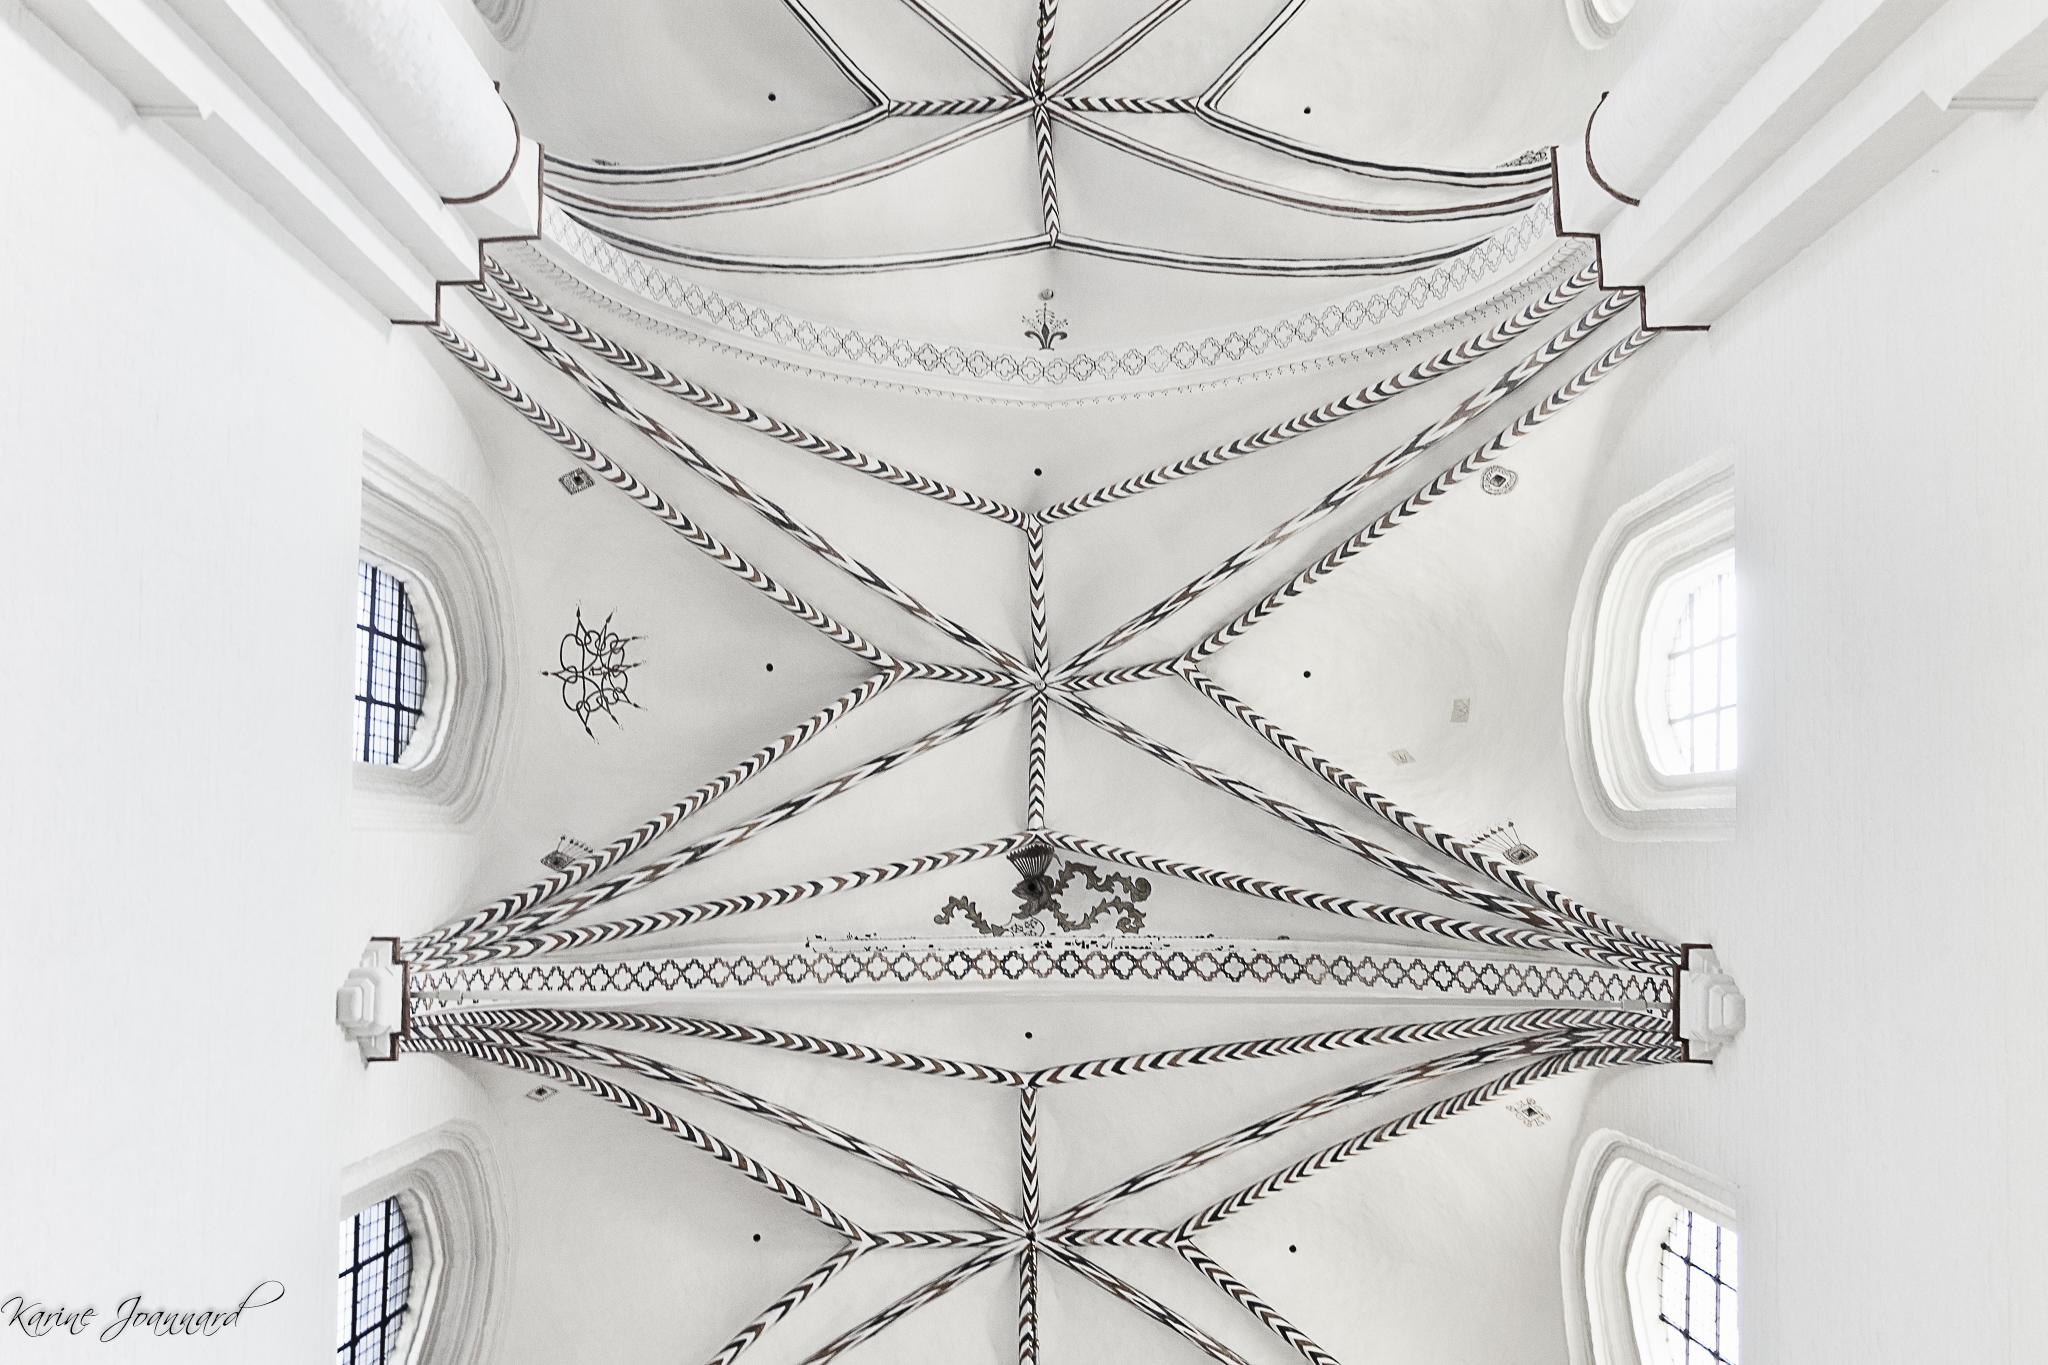 Skt Clemens Kirke